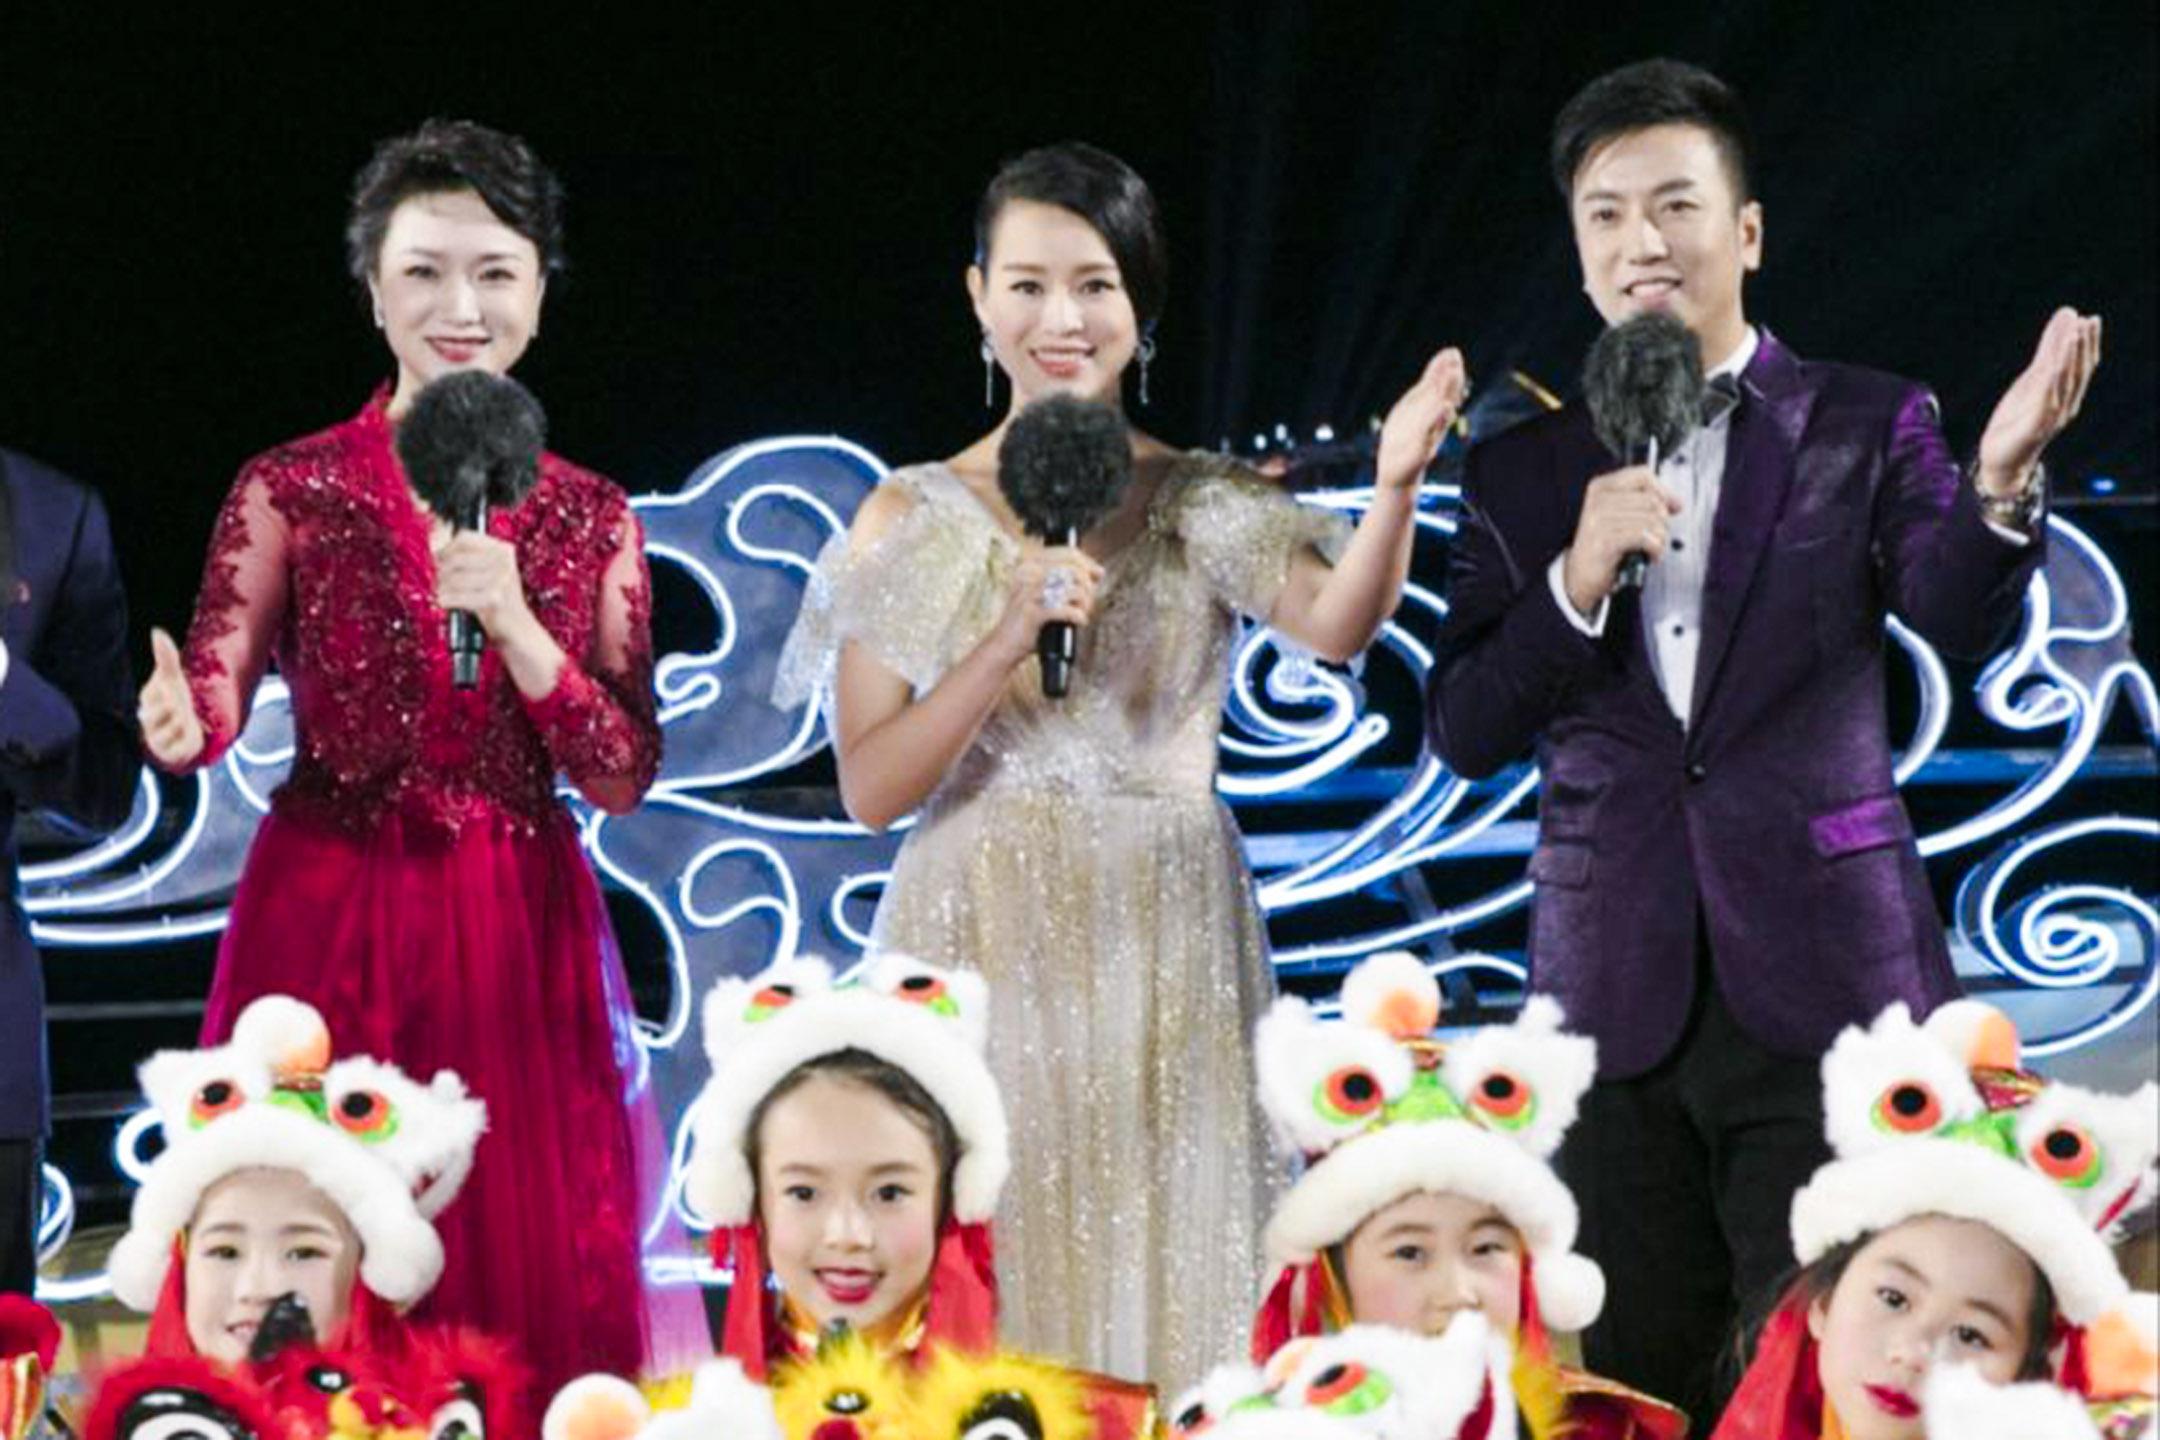 胡杏兒出現在2020年央視春節聯歡晚會,擔任大灣區會場的主持。